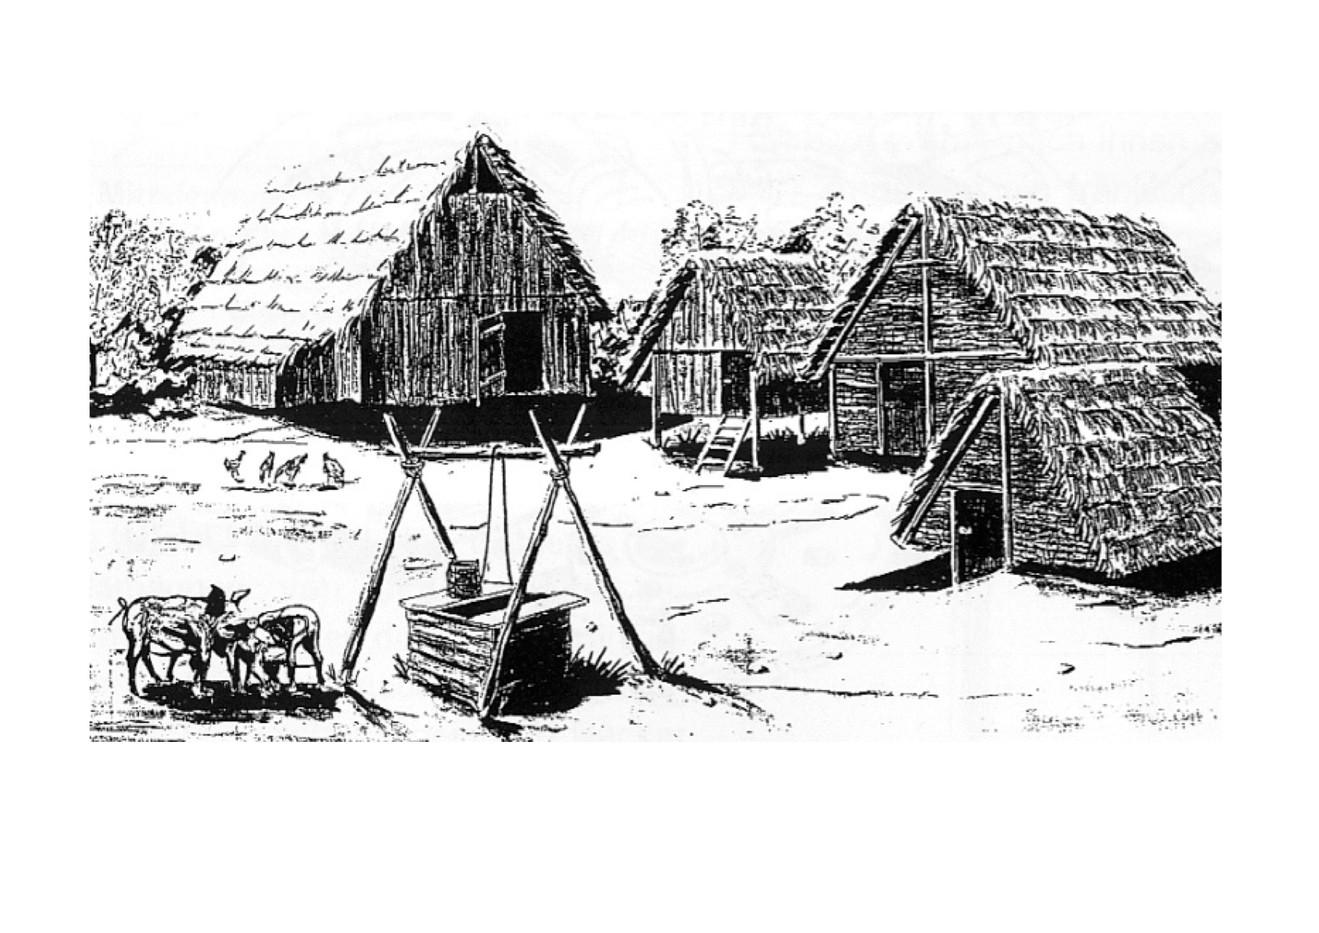 Alemannisches Dorf